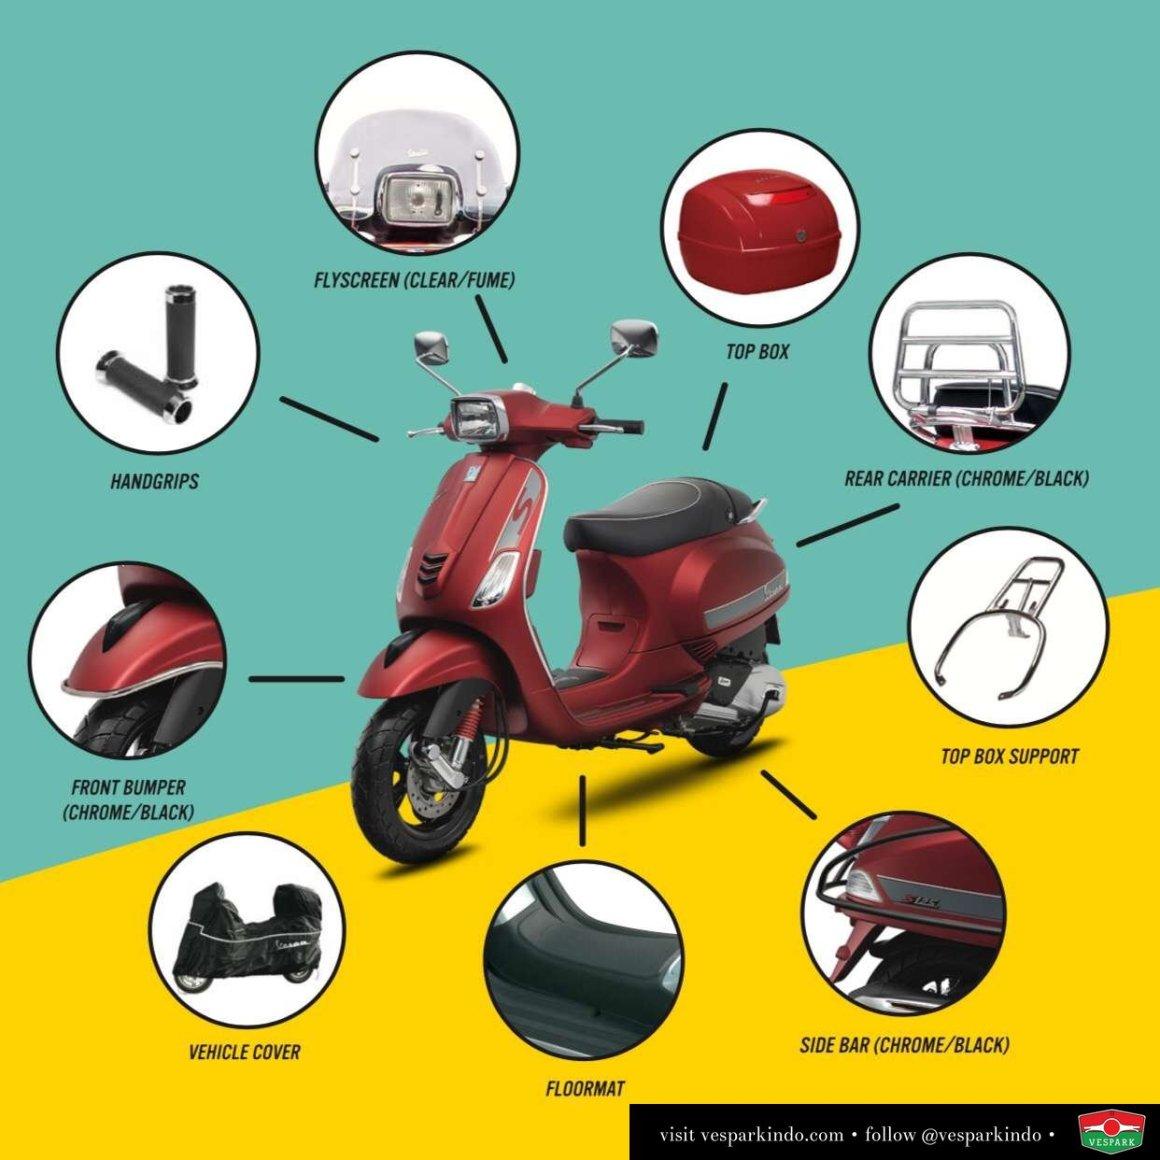 Vespa S accessories